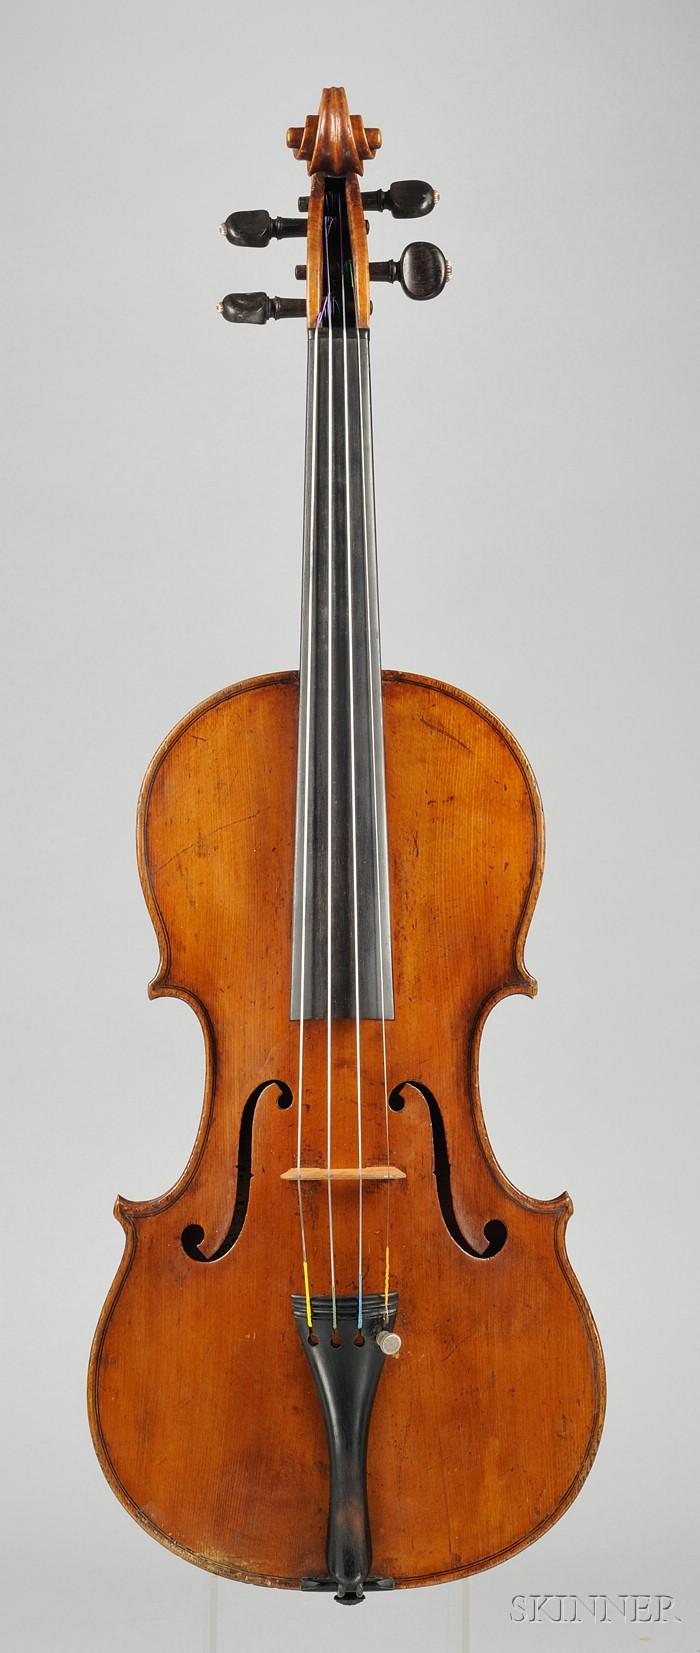 Italian Violin, Giovanni Baptista Ceruti, Cremona, 1803